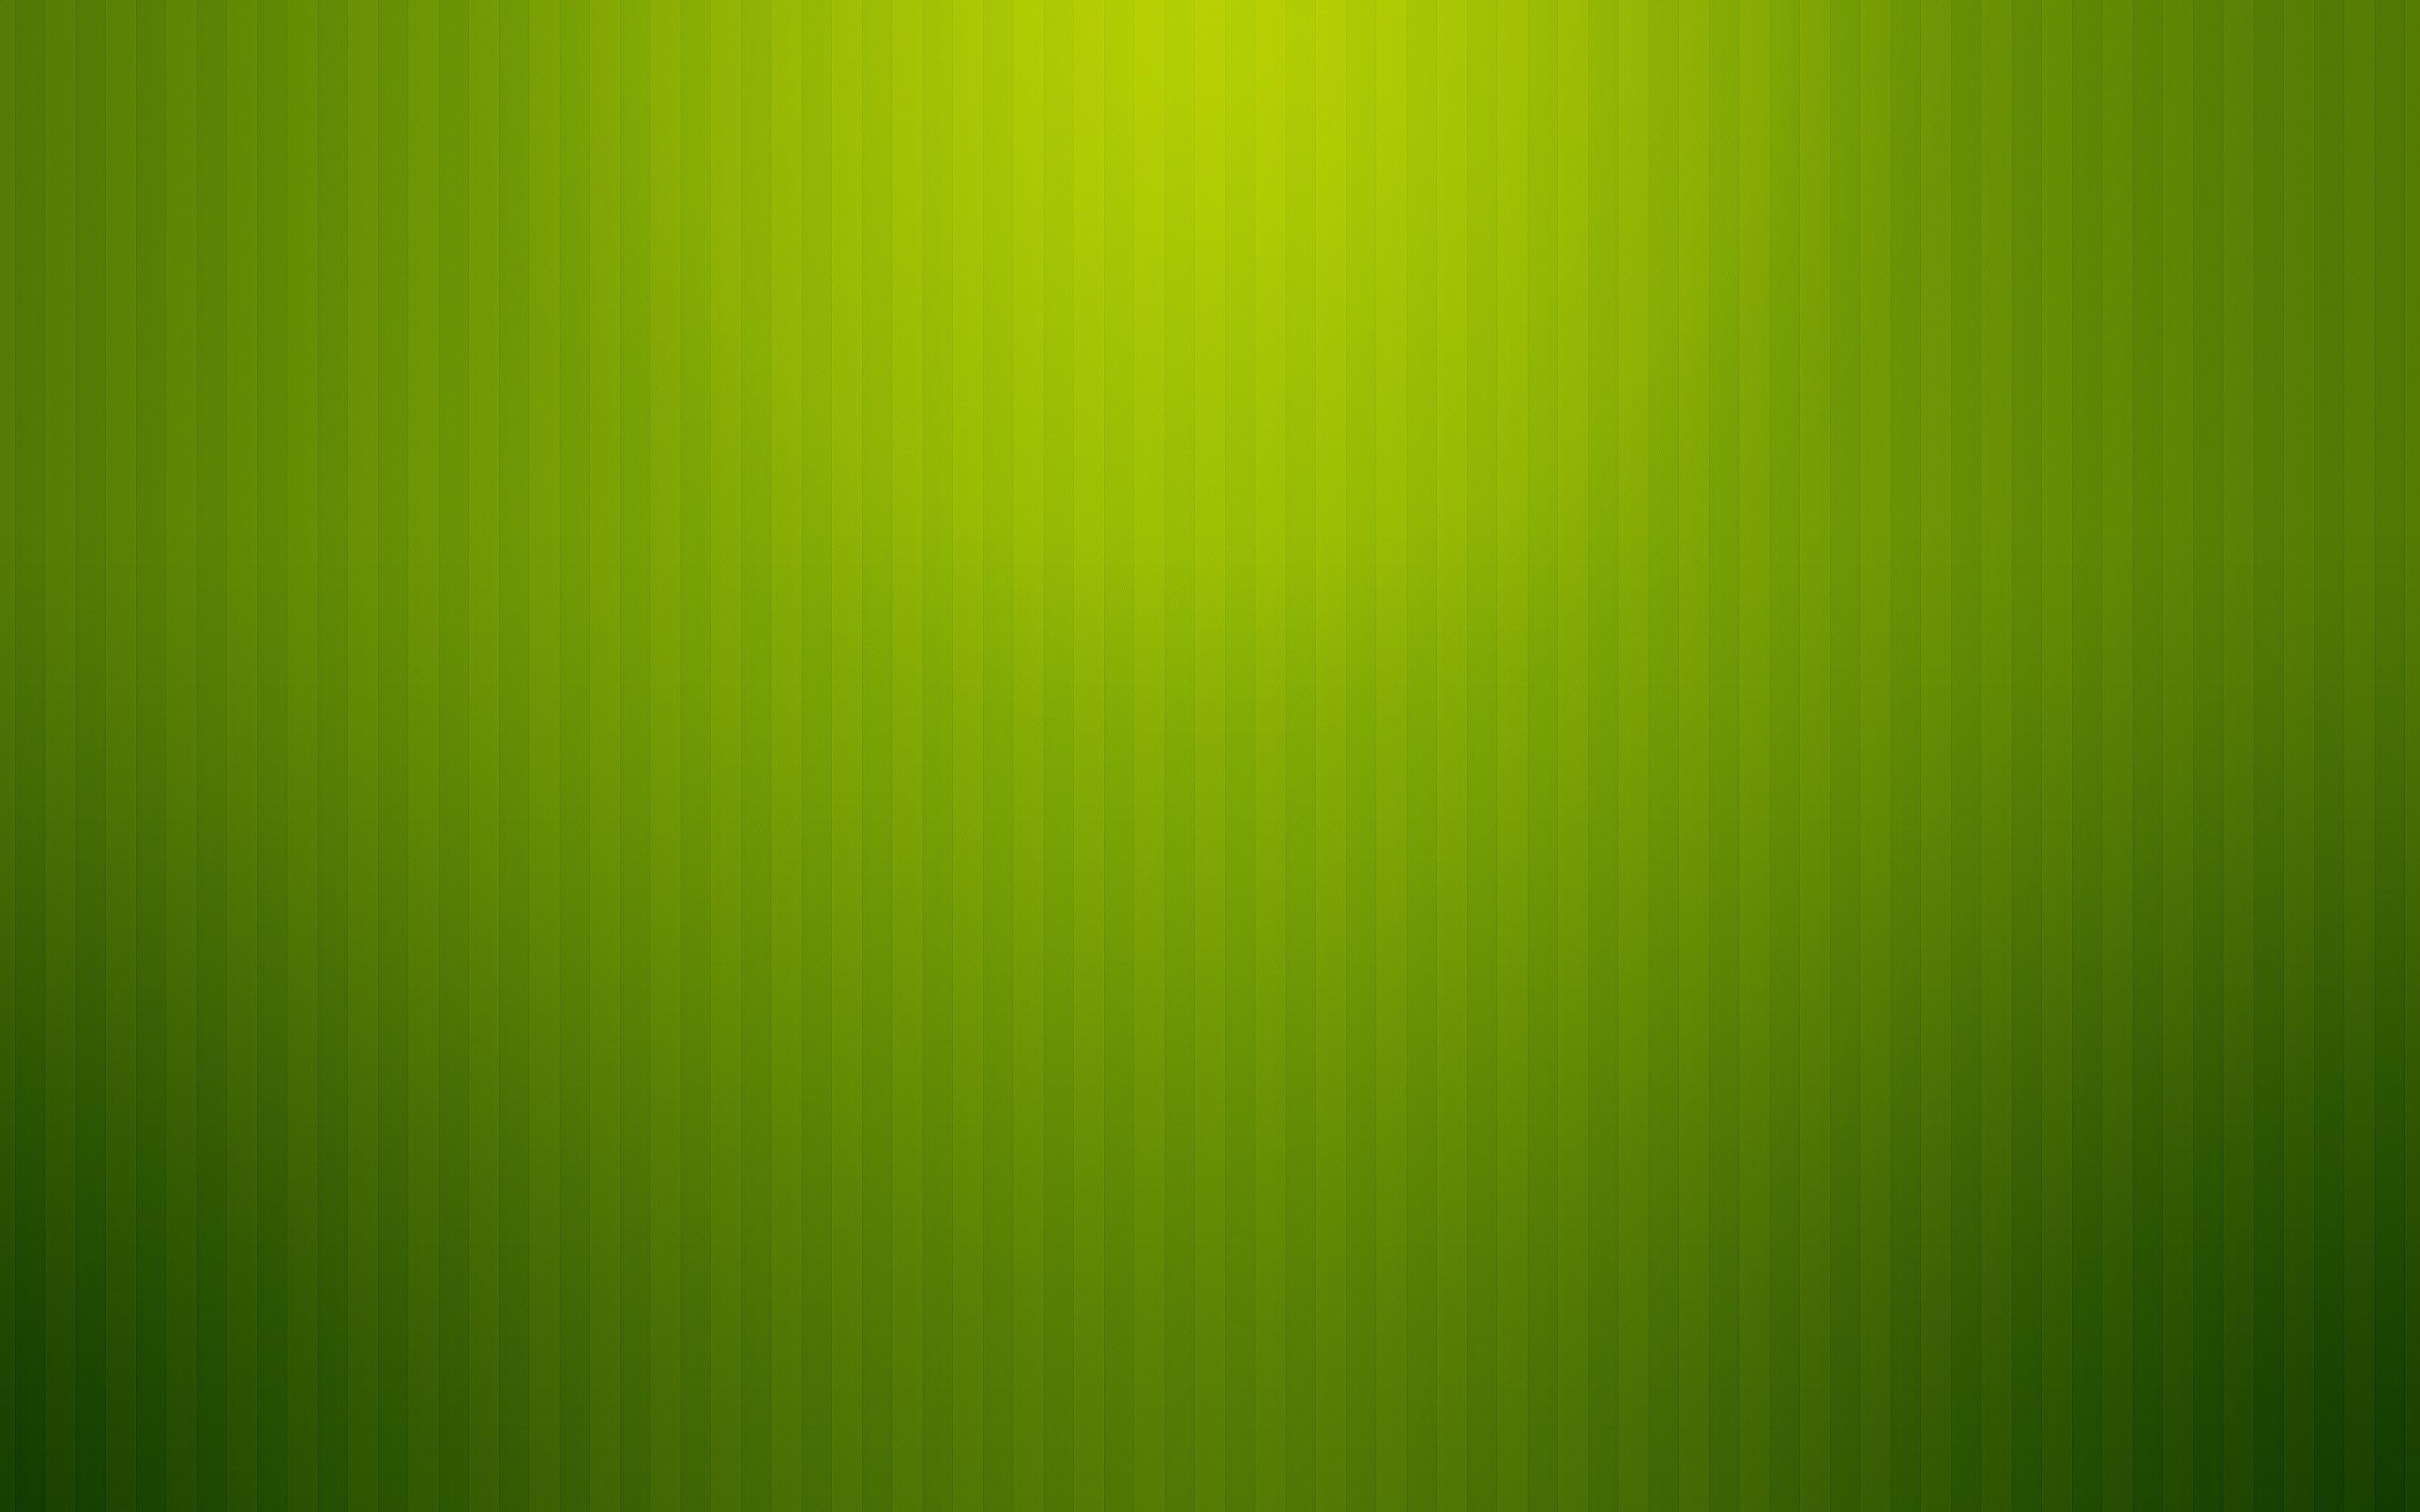 Plain Backgrounds 19132 2560x1600 px